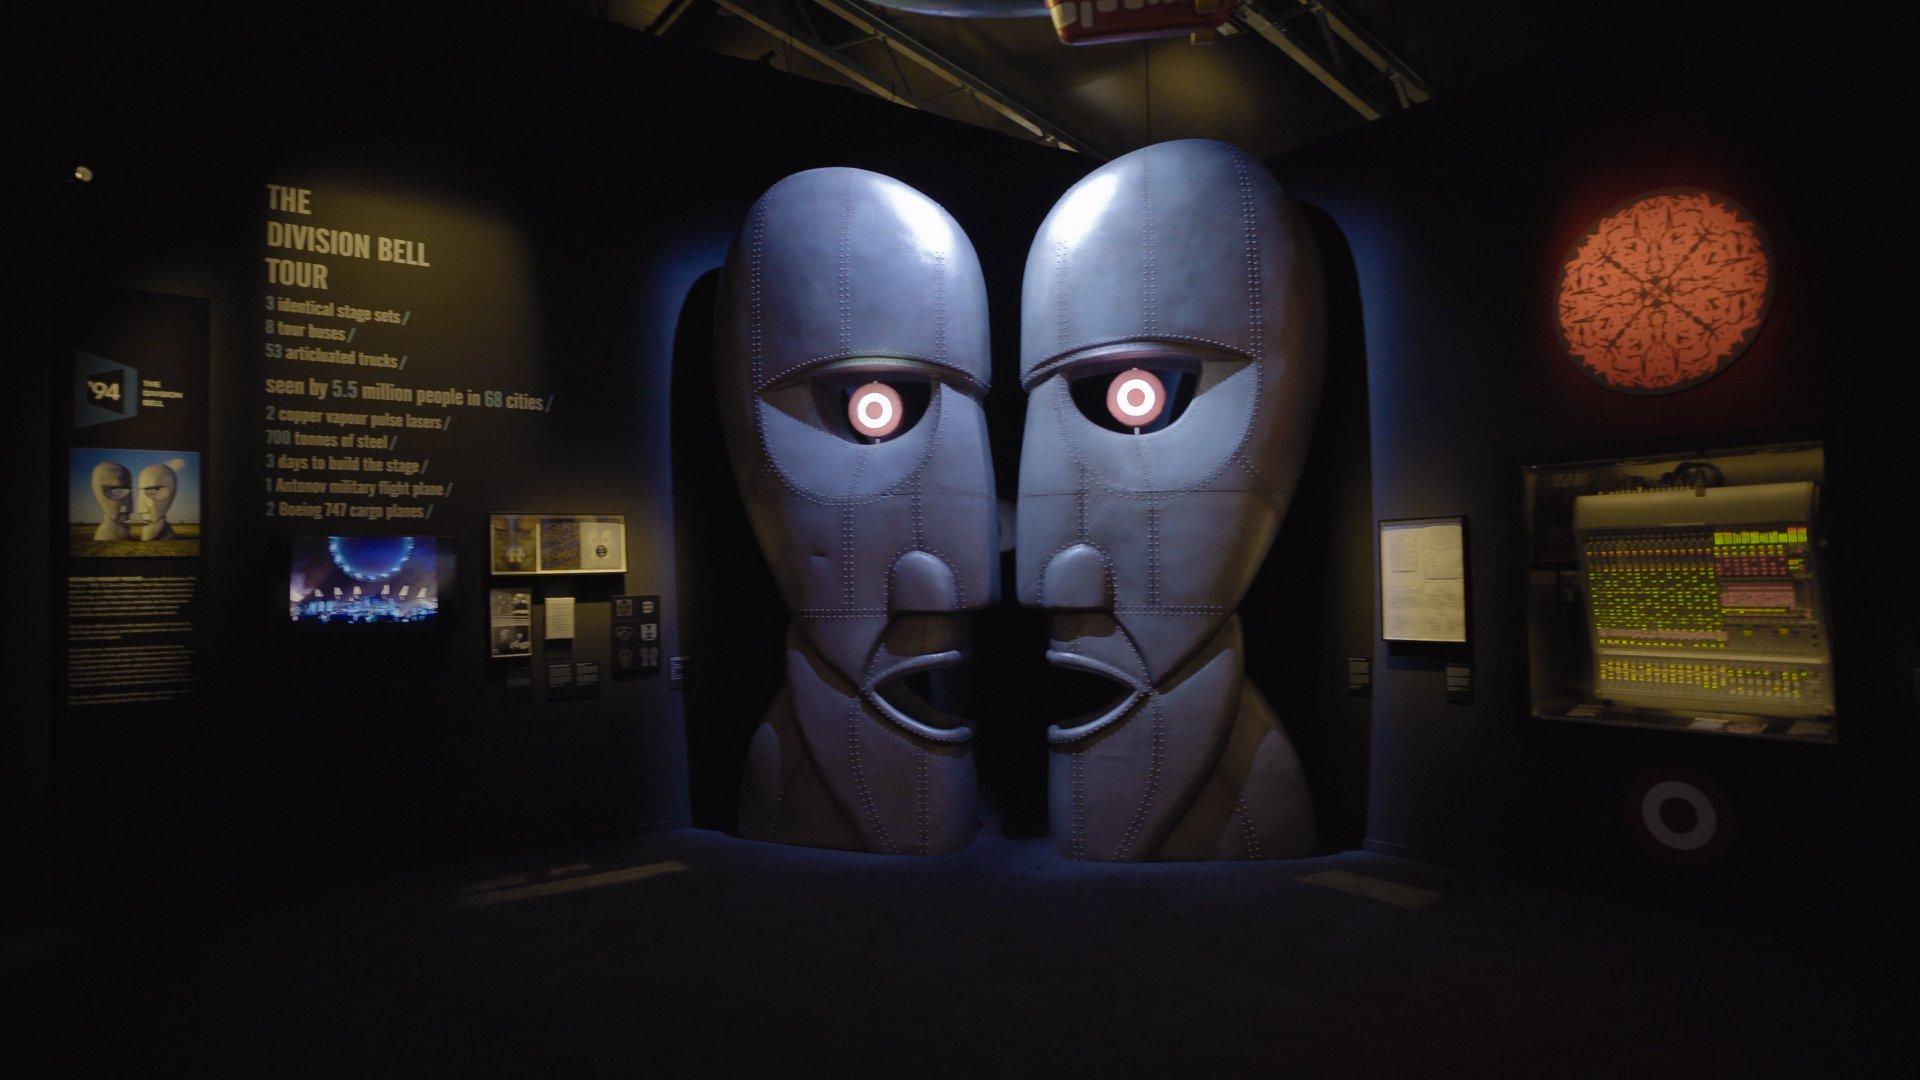 Interaktive modulare Wände von Mila-wall ergänzen die Schau über die Band Pink Floyd